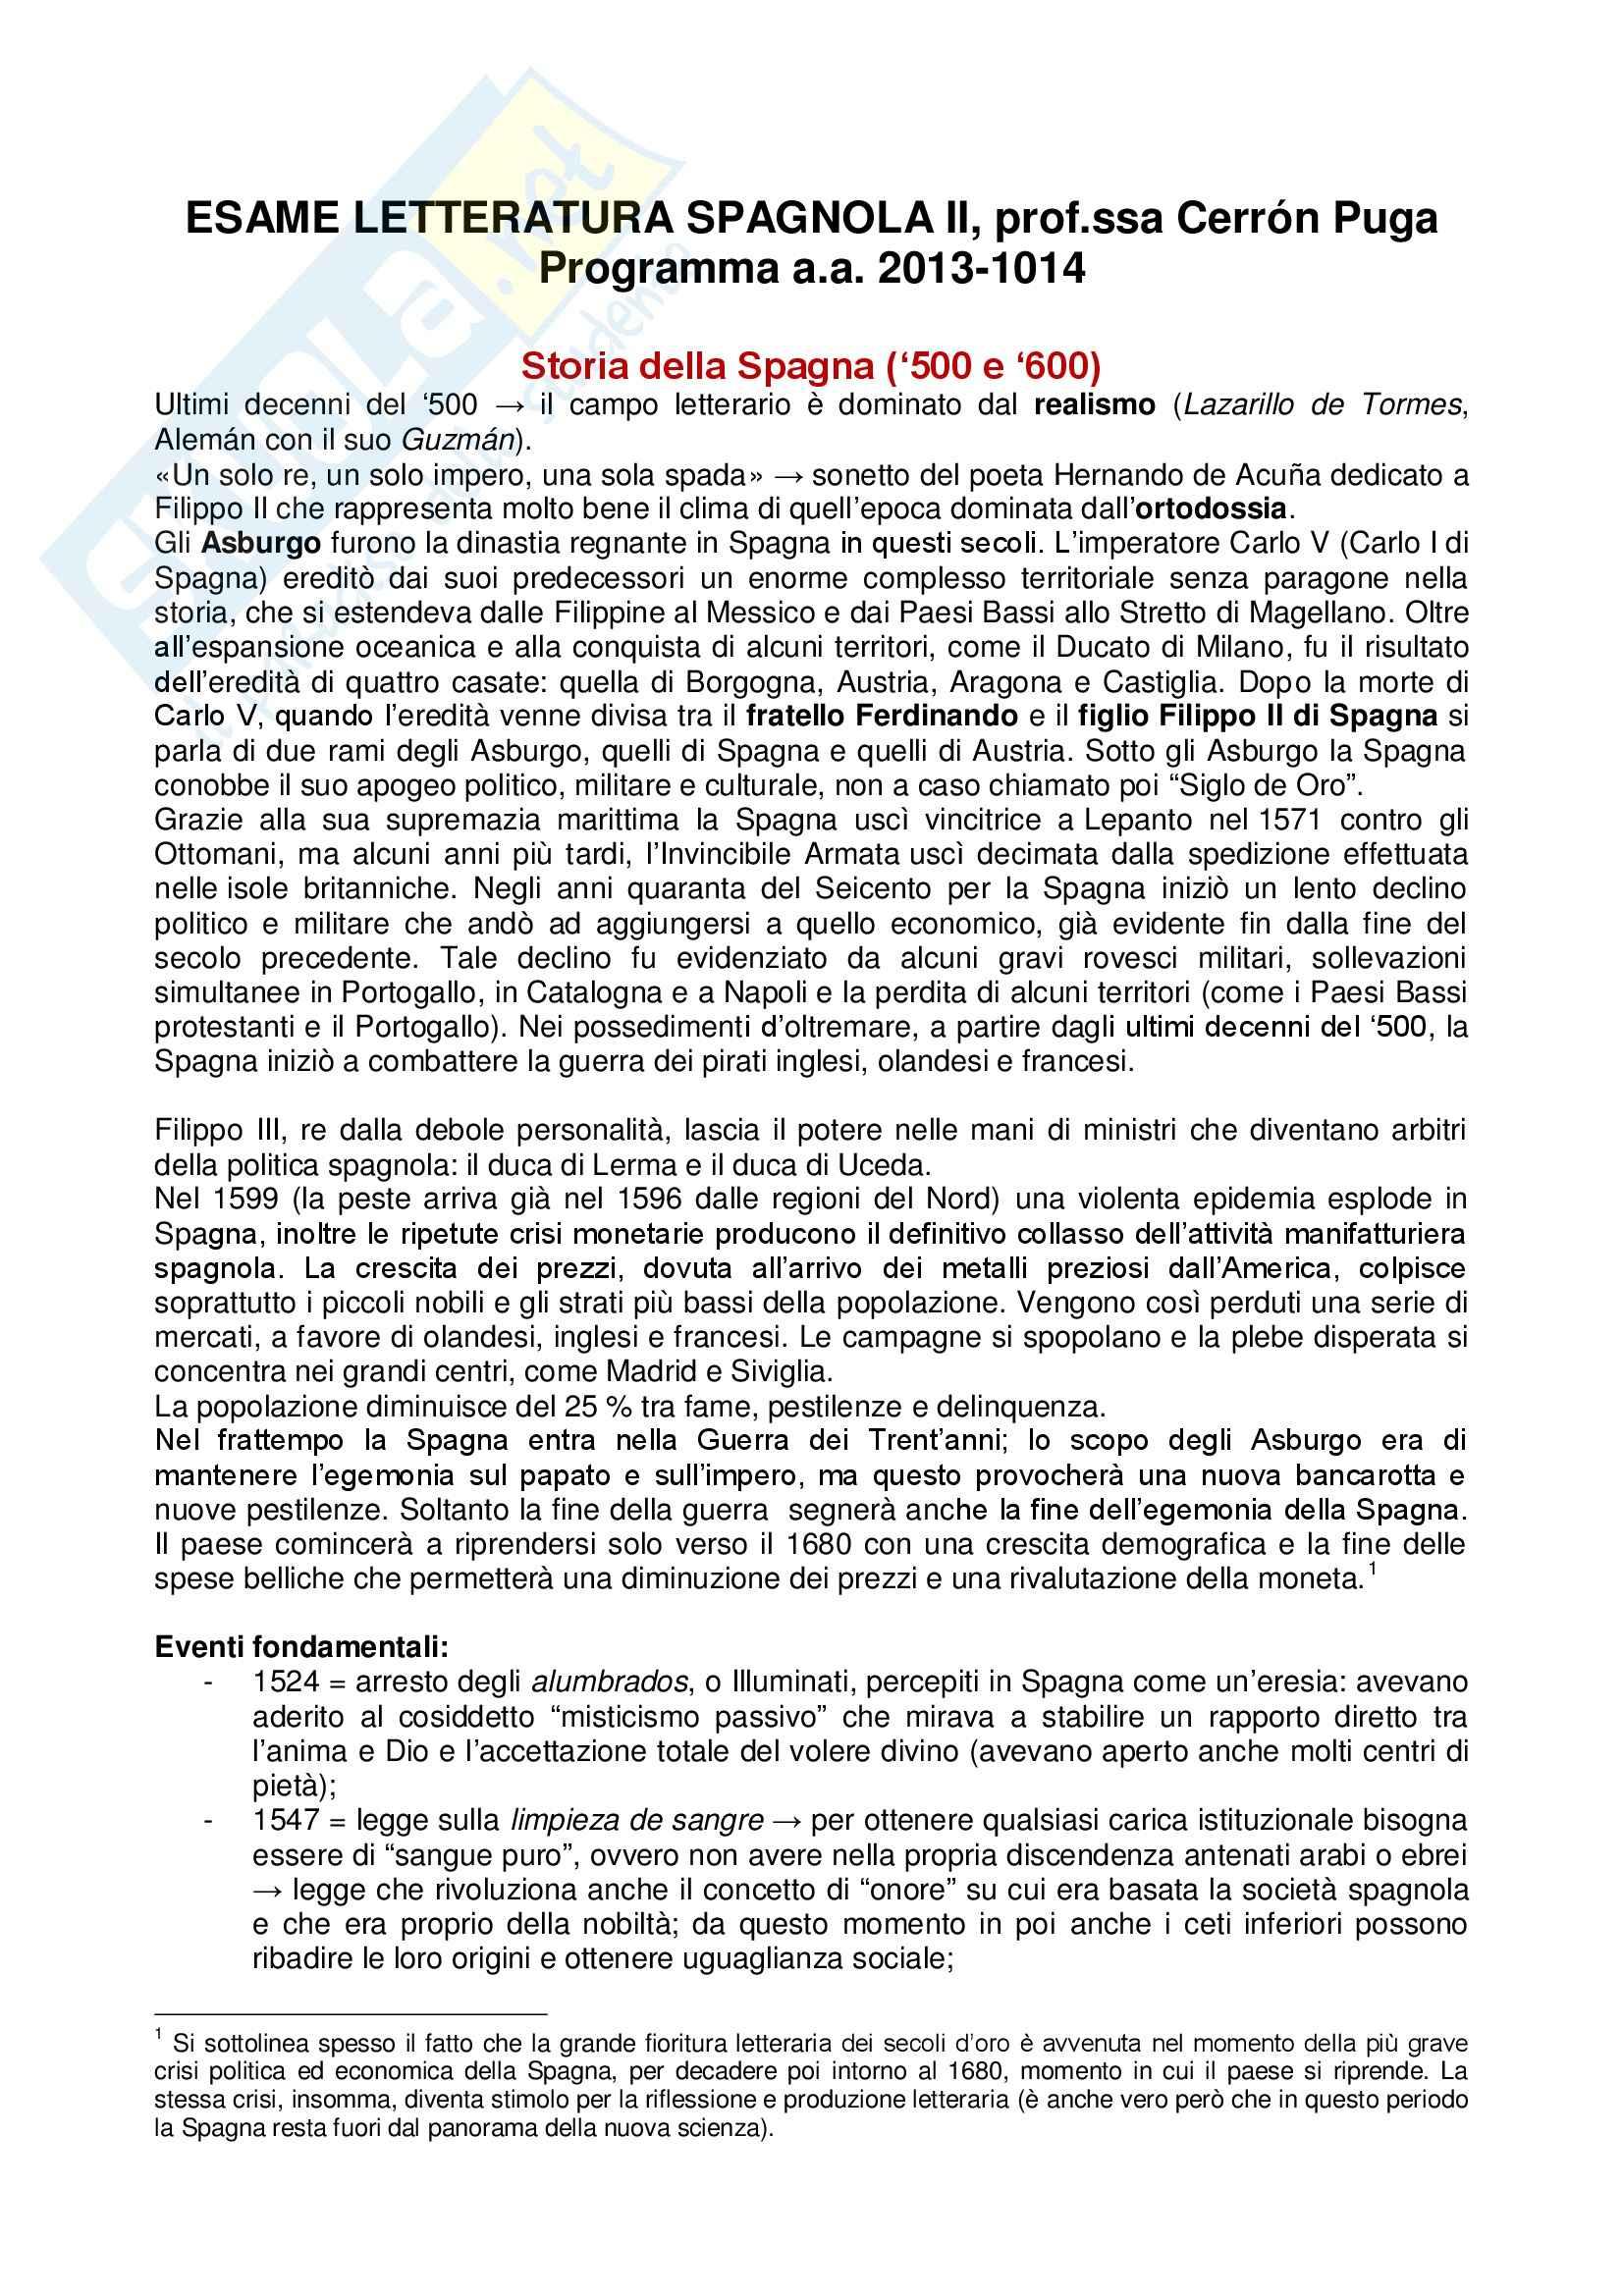 Romanzi: Appunti di Letteratura spagnola